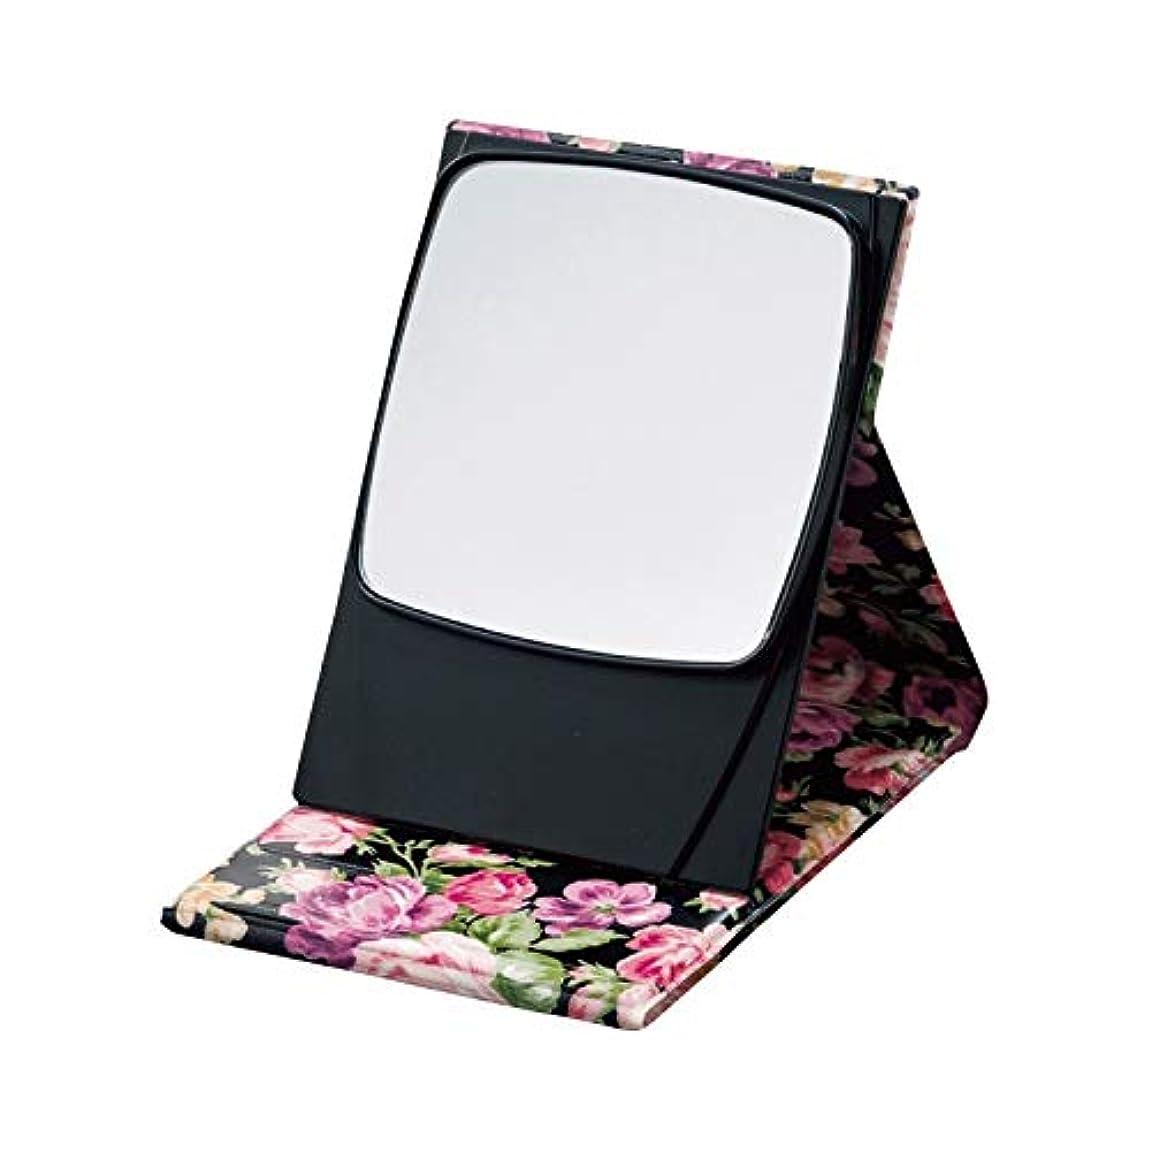 もちろん不格好章5倍拡大鏡プロモデルナピュアミラー ローズブラック 【花柄 鏡 拡大鏡付き メイク 美容 おしゃれ 化粧 コンパクト】